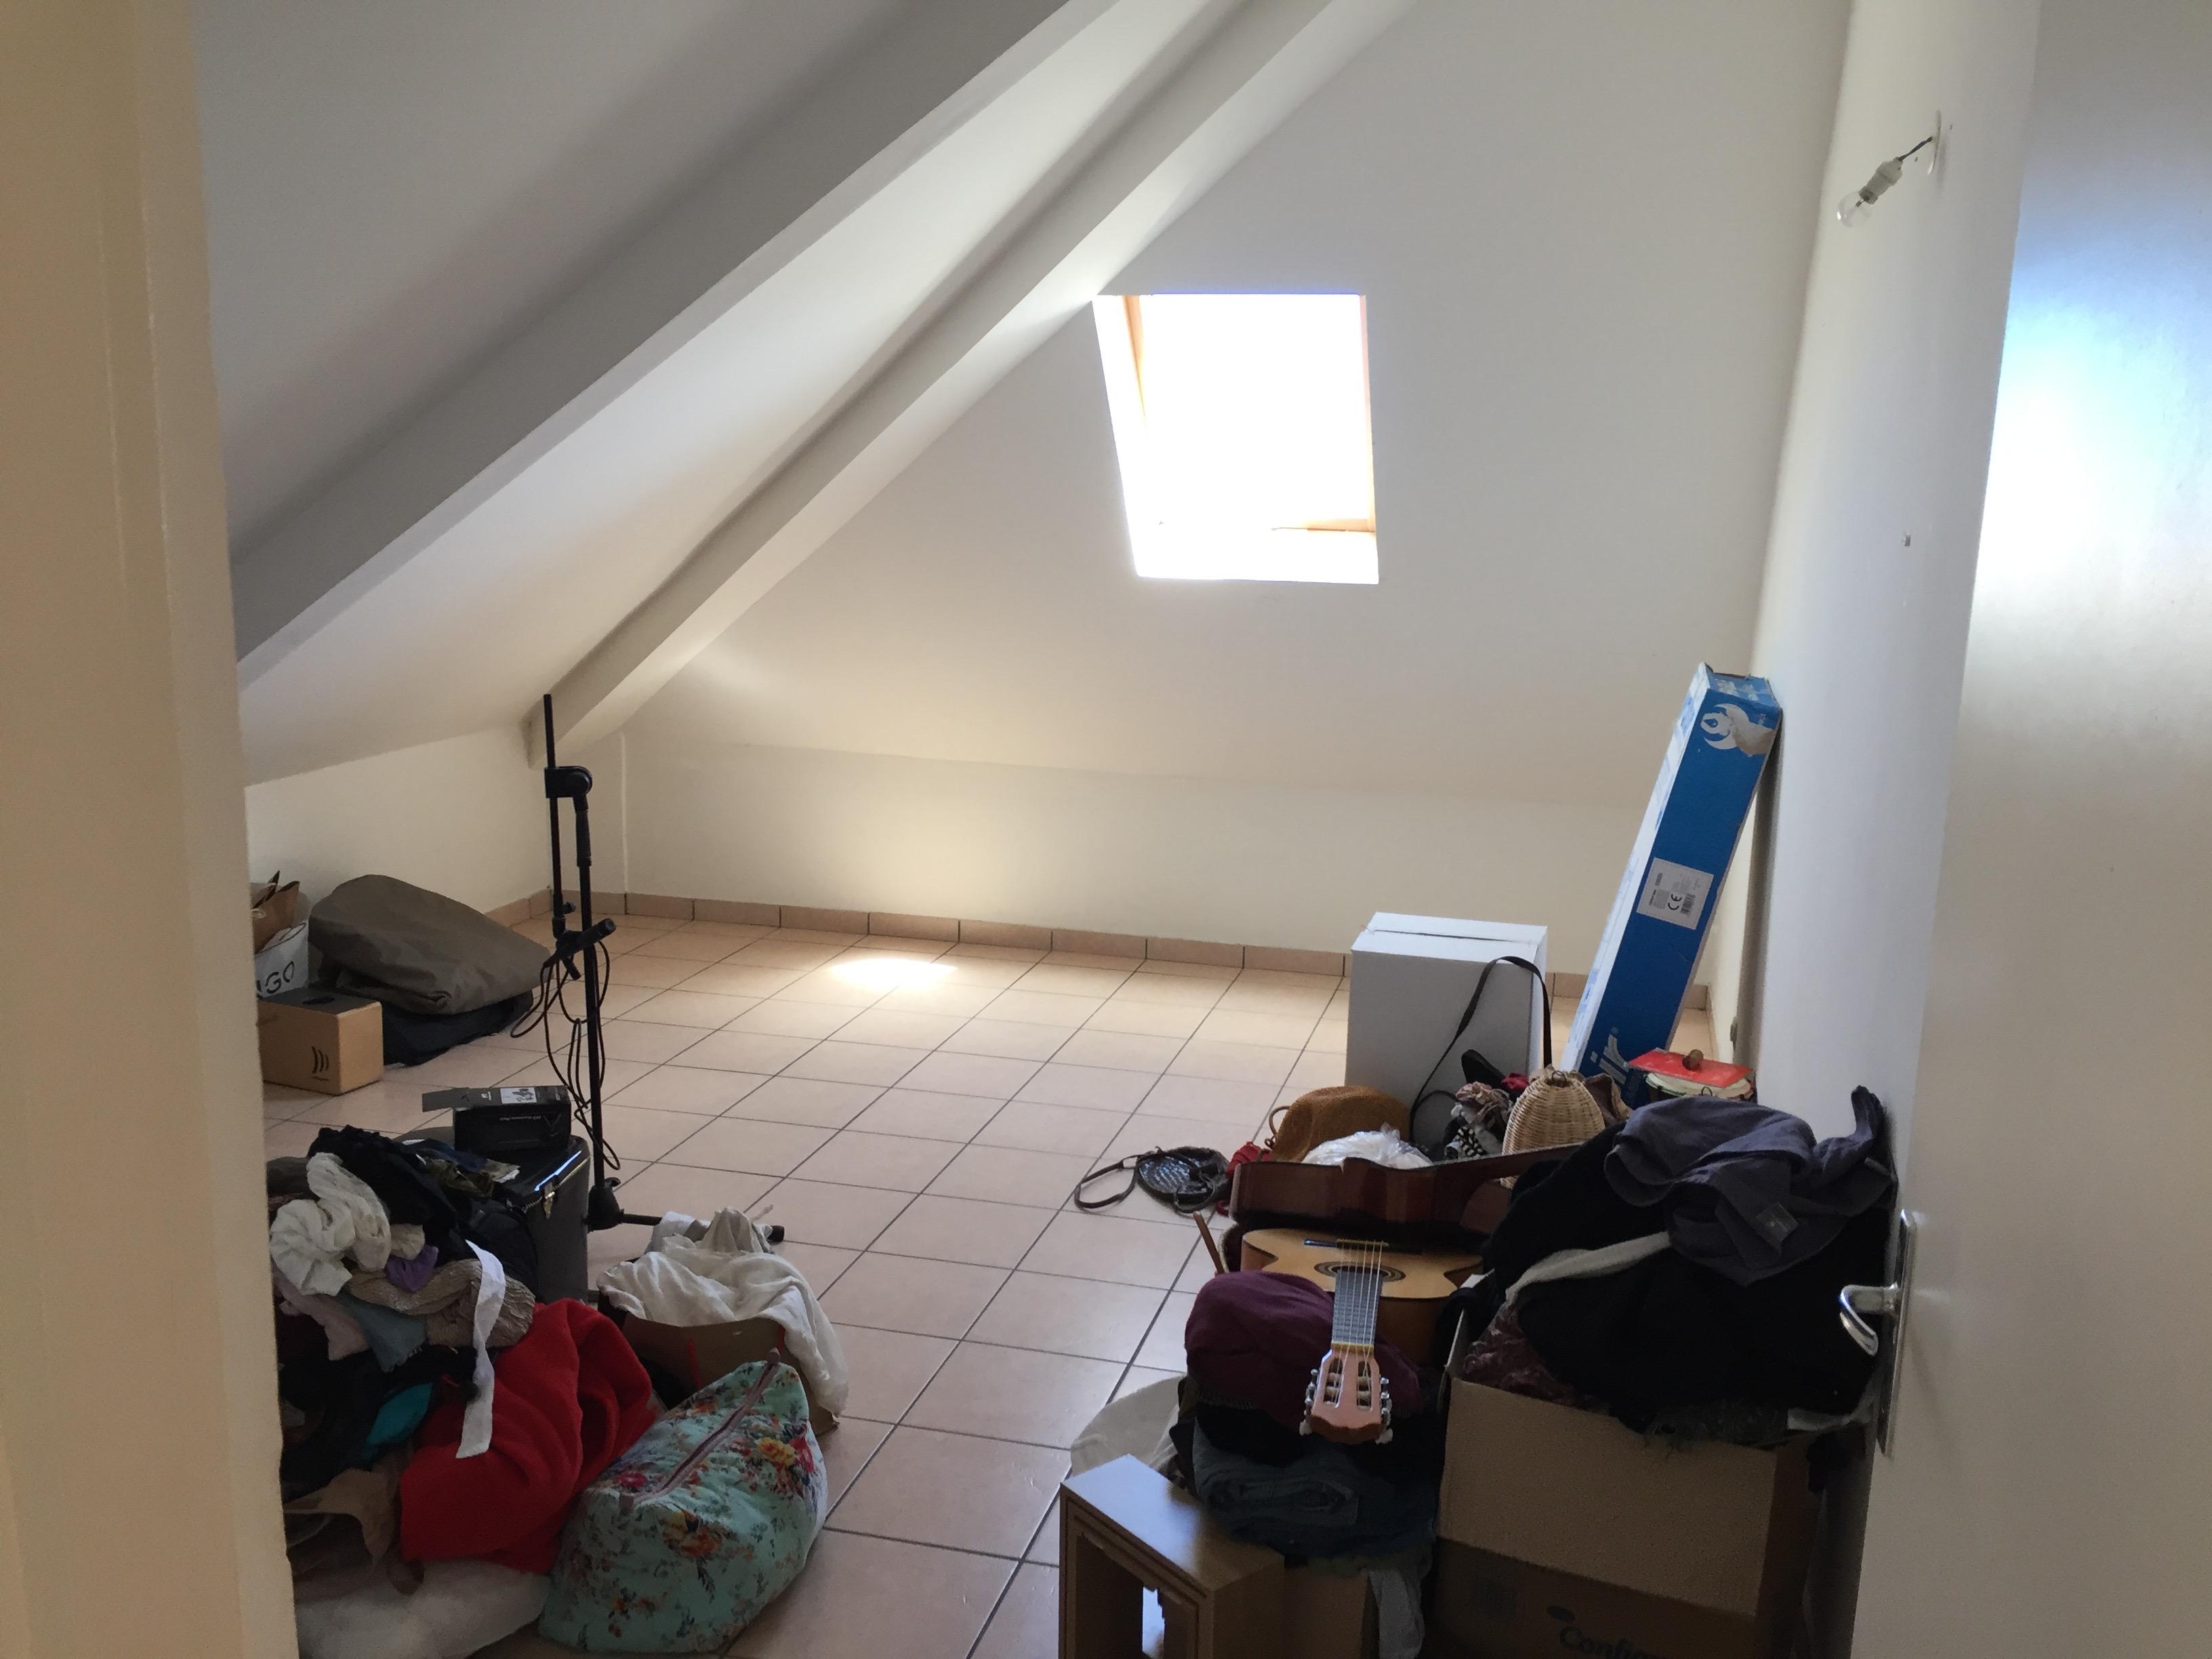 Renover Une Chambre Adulte rénovation #02 - matthieu bonato